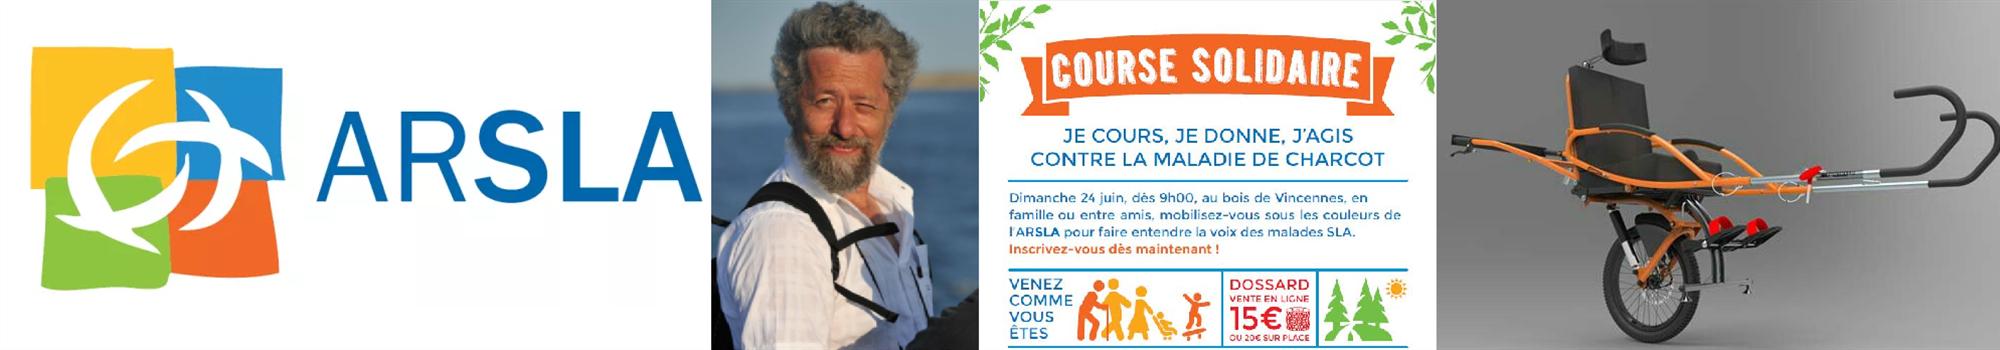 Tous ensemble avec Loïc dans la lutte contre la maladie de Charcot - ARSLA